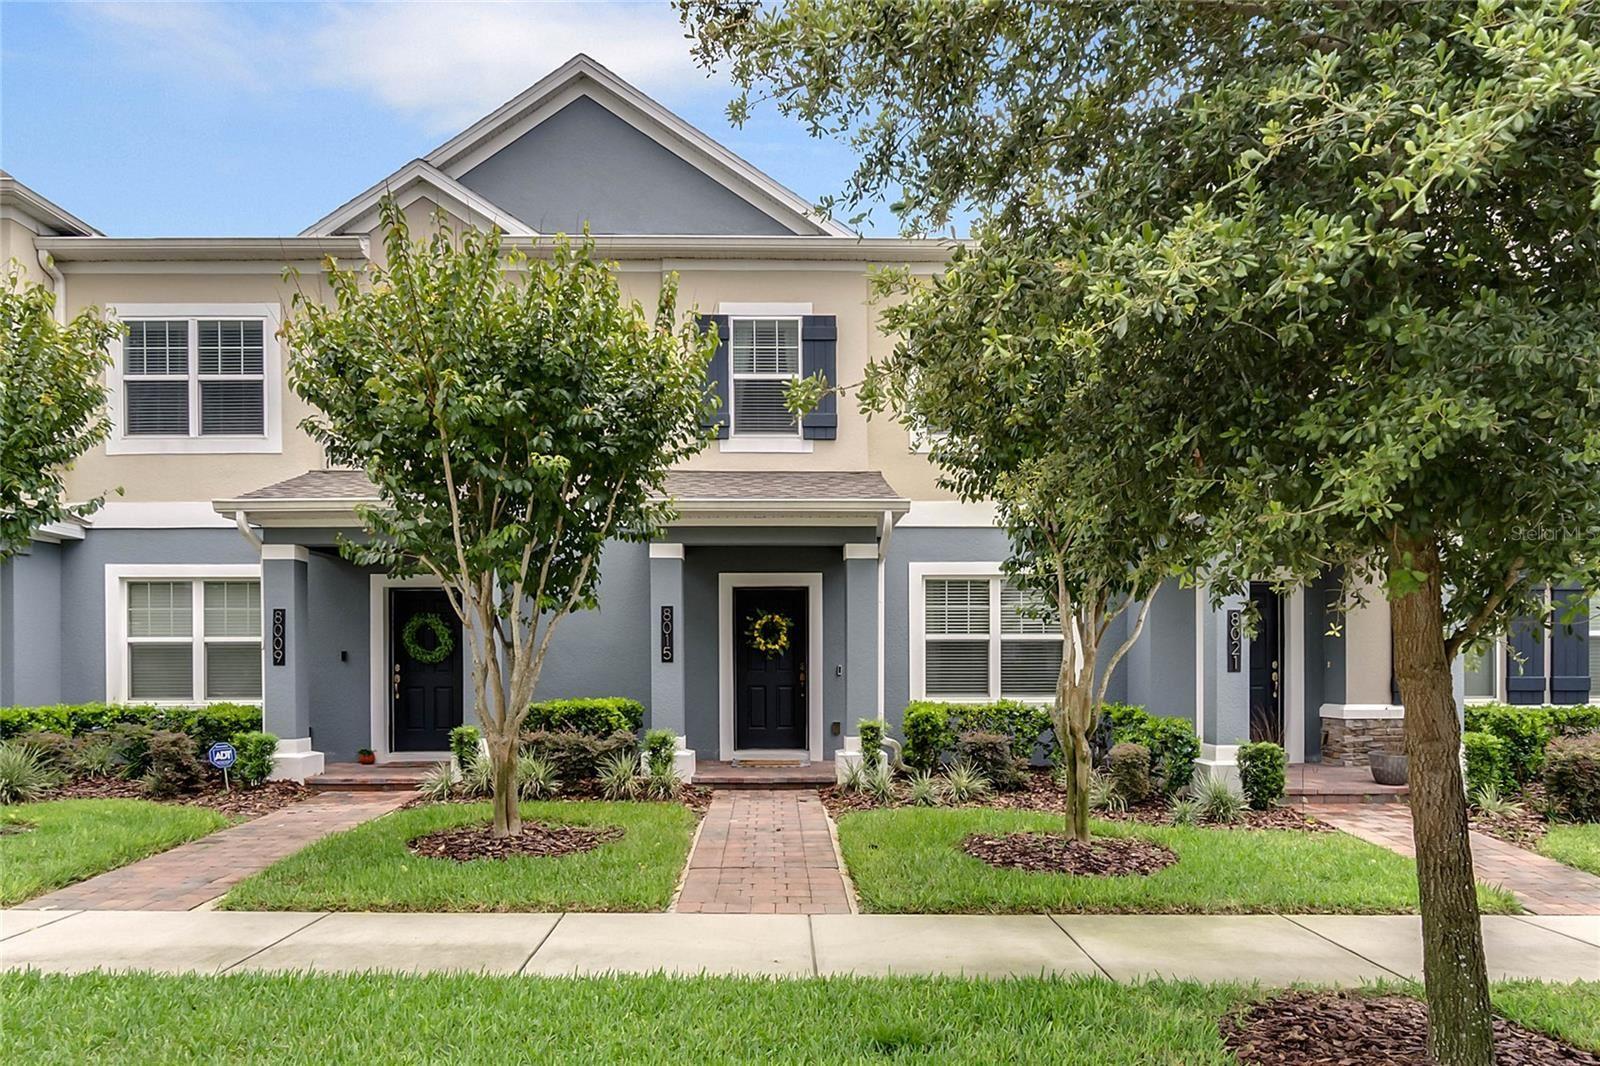 8015 SWEET ORANGE AVENUE, Winter Garden, FL 34787 - #: O5963405